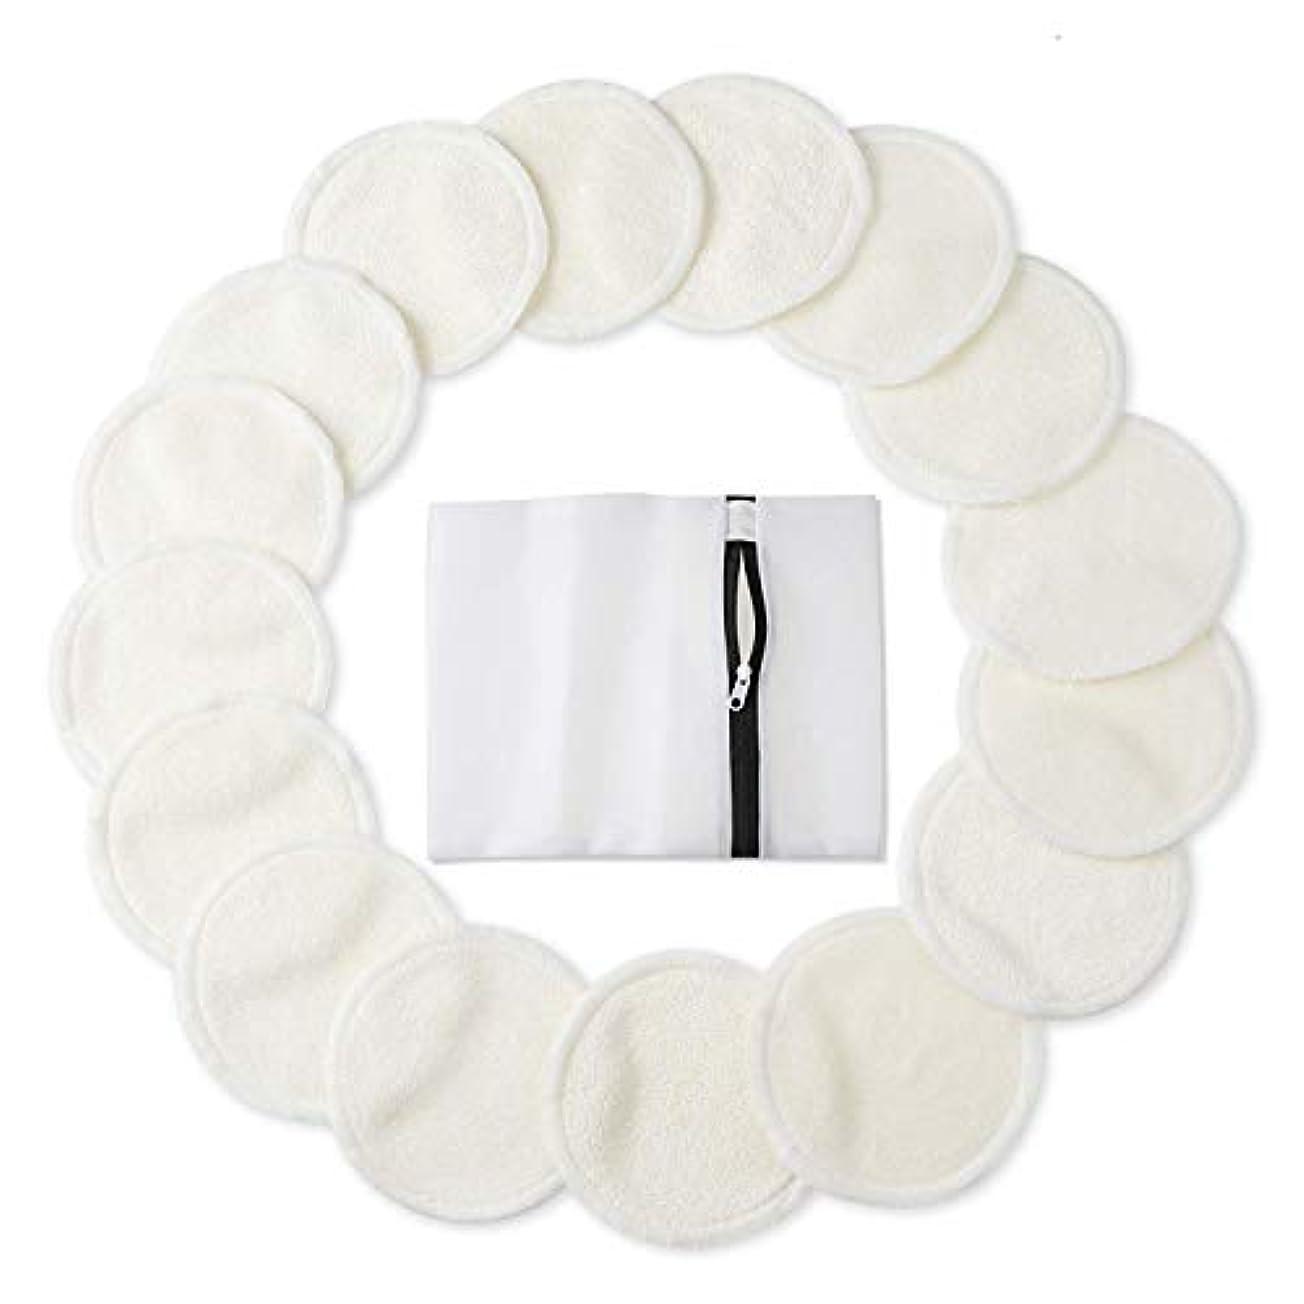 トリム縞模様のしてはいけないPhogary 竹 メイクアップリムーバーパッドアイメイク削除顔用ランドリーバッグ洗える洗顔布で再利用可能な有機竹コットンラウンドワイプ3.15 2層